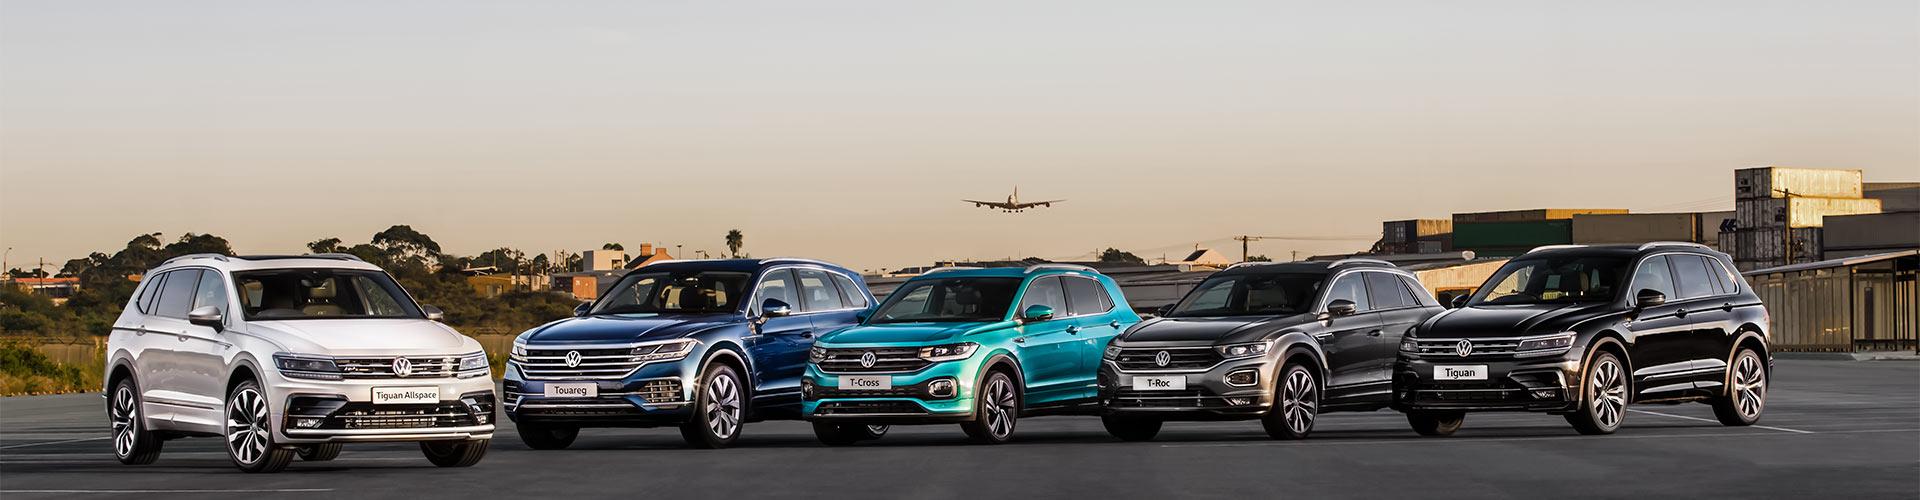 Volkswagen Fleet - SUV Range